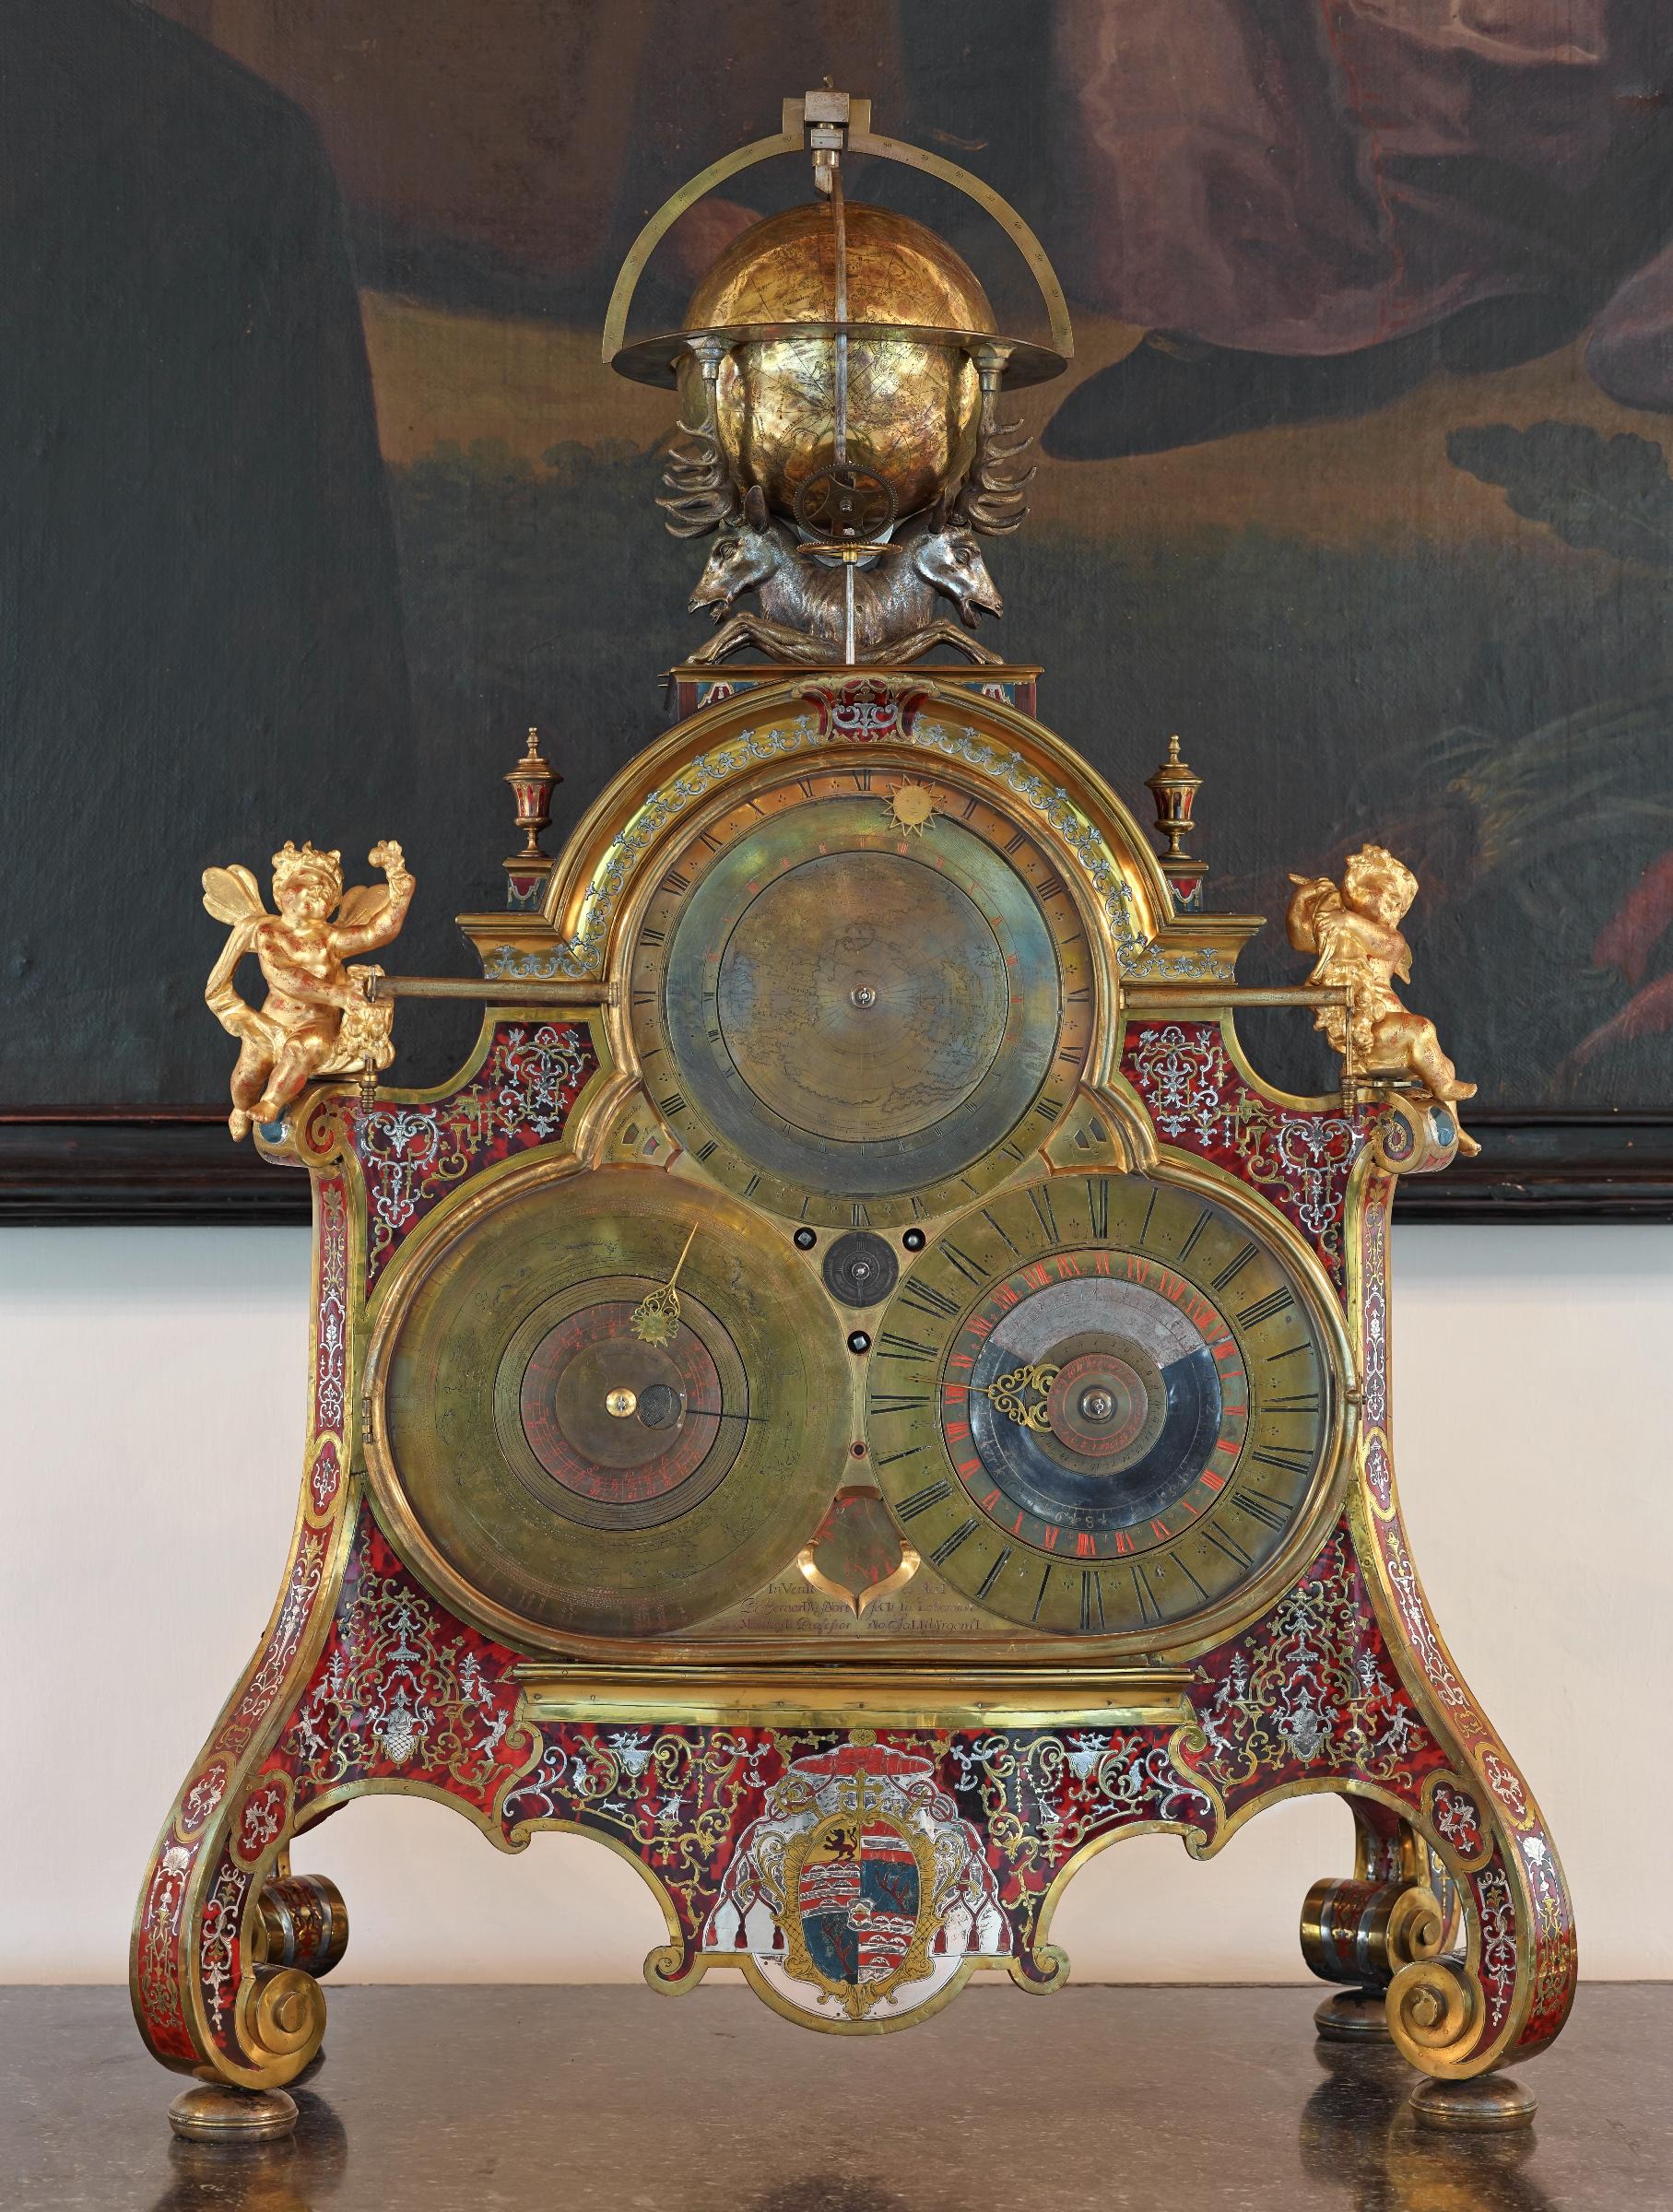 Veranstaltung KunstHandwerk – Kostbares Interieur der Salzburger Residenz im DomQuartier Salzburg